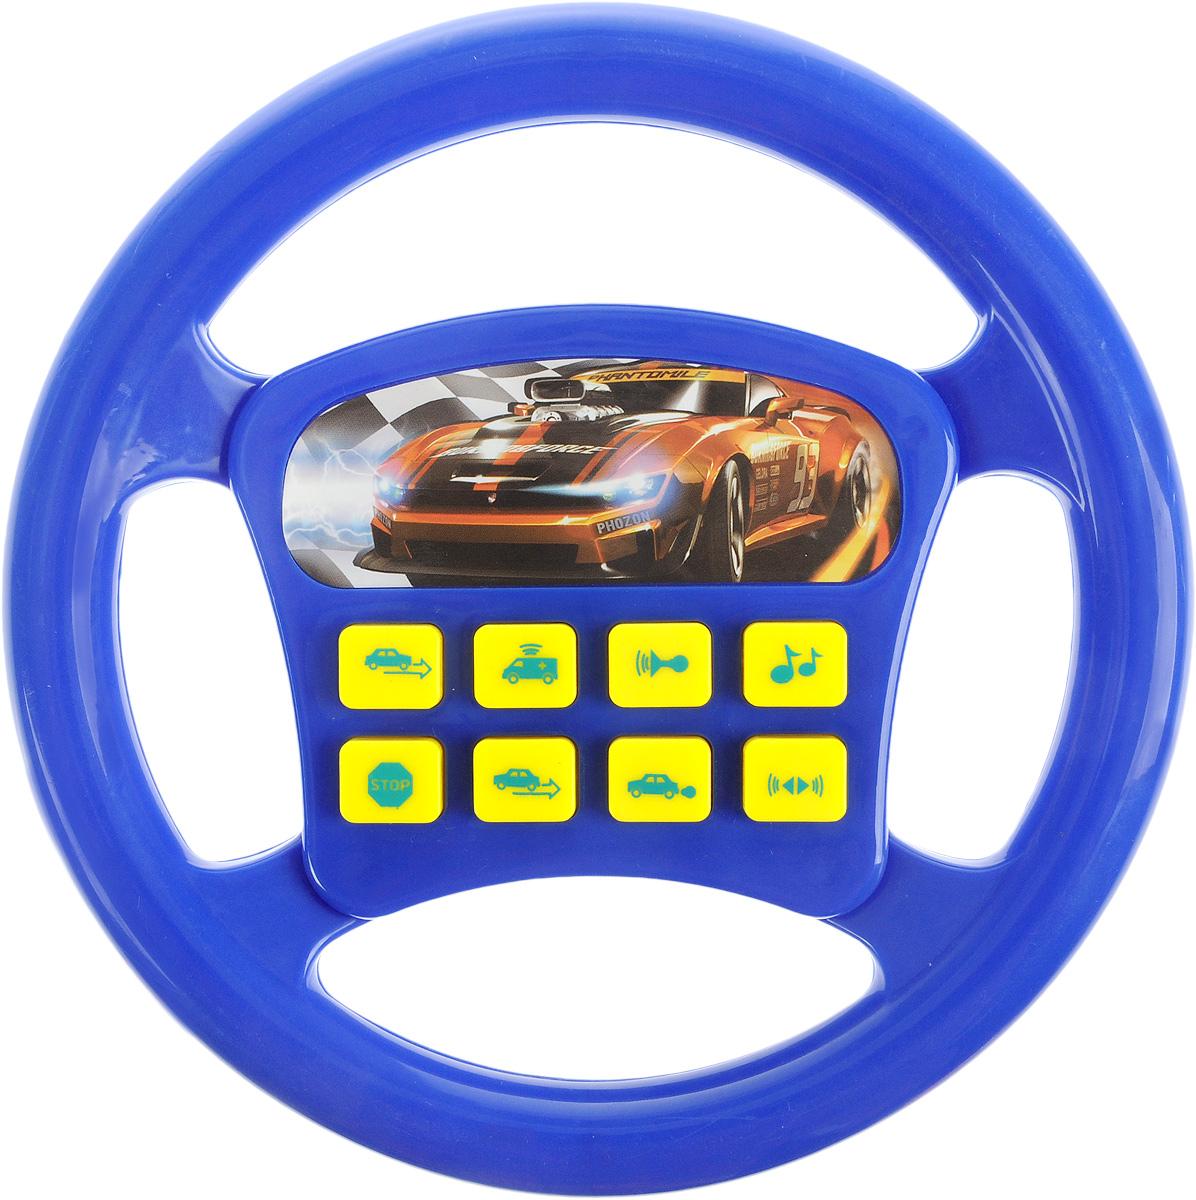 Играем вместе Игрушечный руль Машина цвет синий